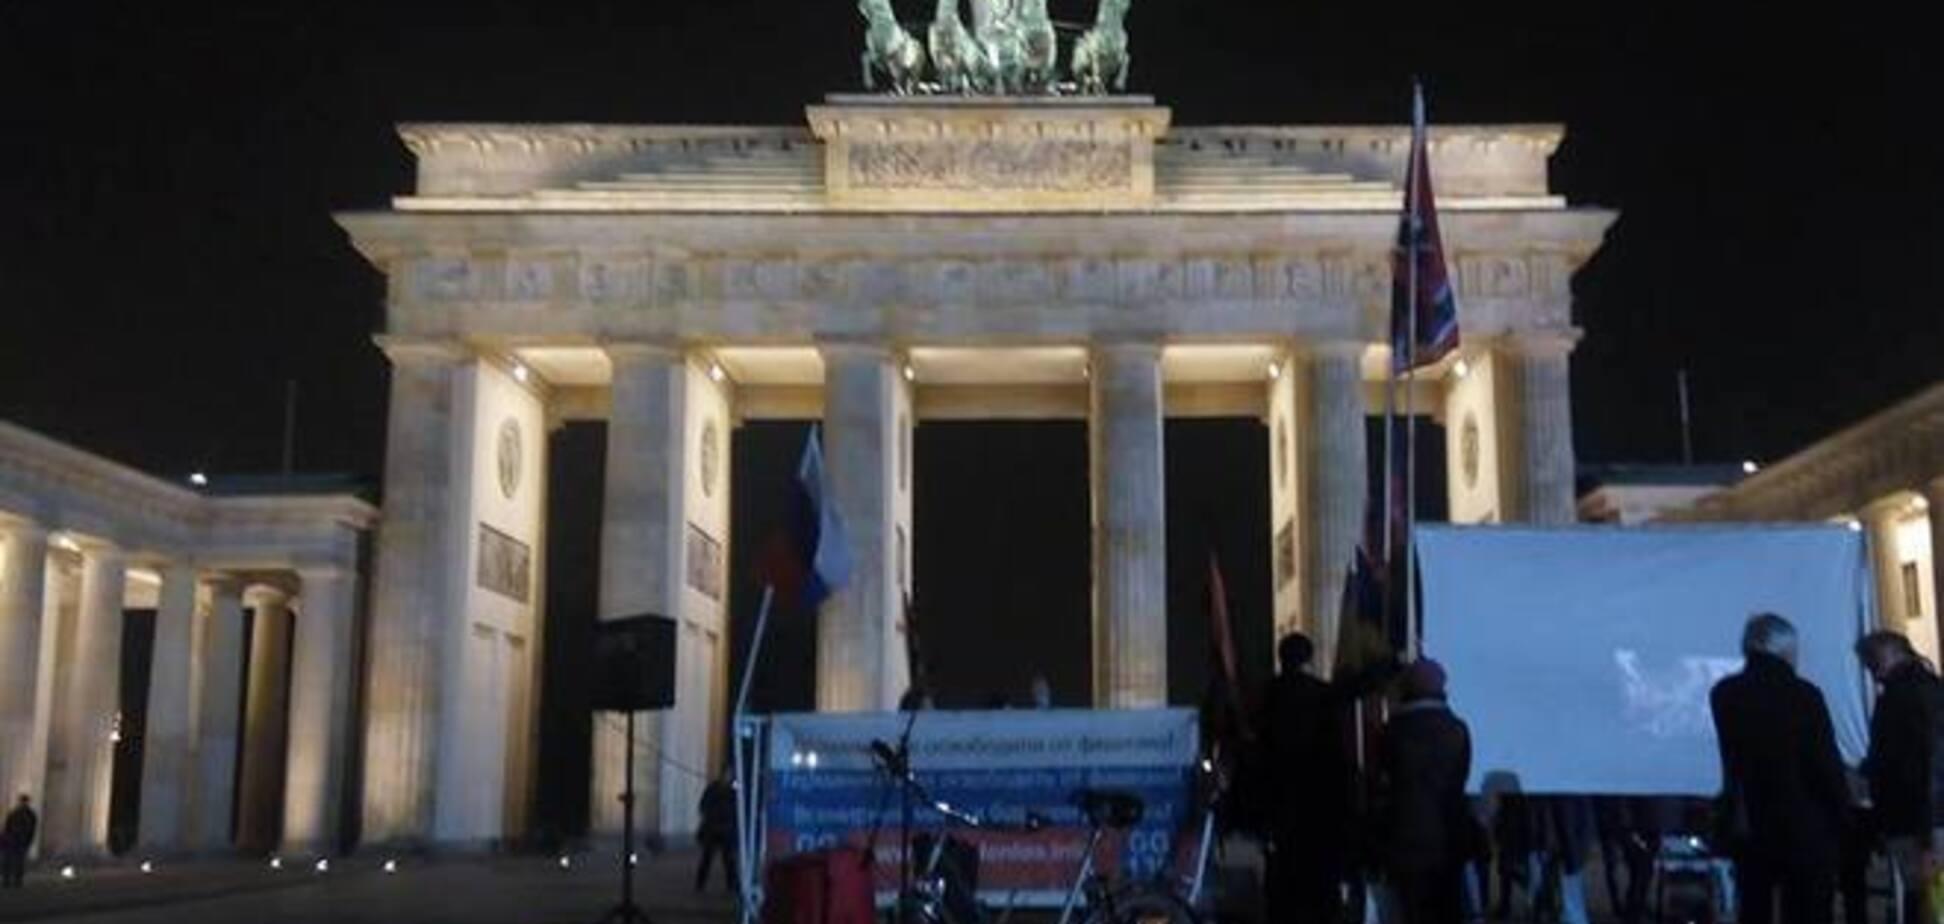 По-німецьки упорядкований хаос Берліна